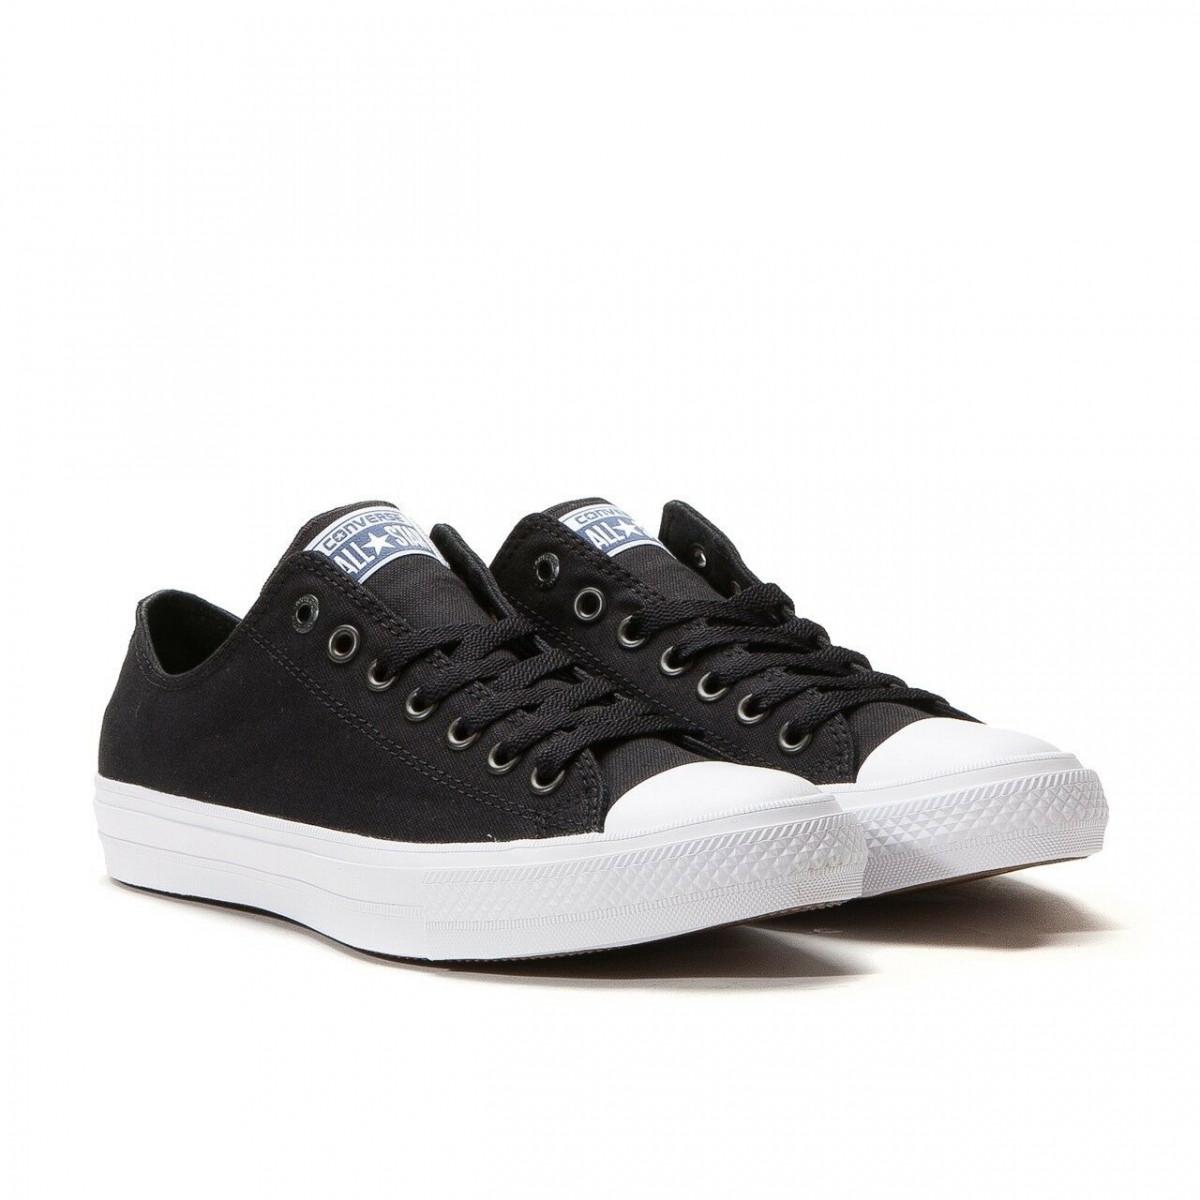 Кеды Converse Style All Star 2 низкие Черные с белым носком (40 р.) Тотальная распродажа